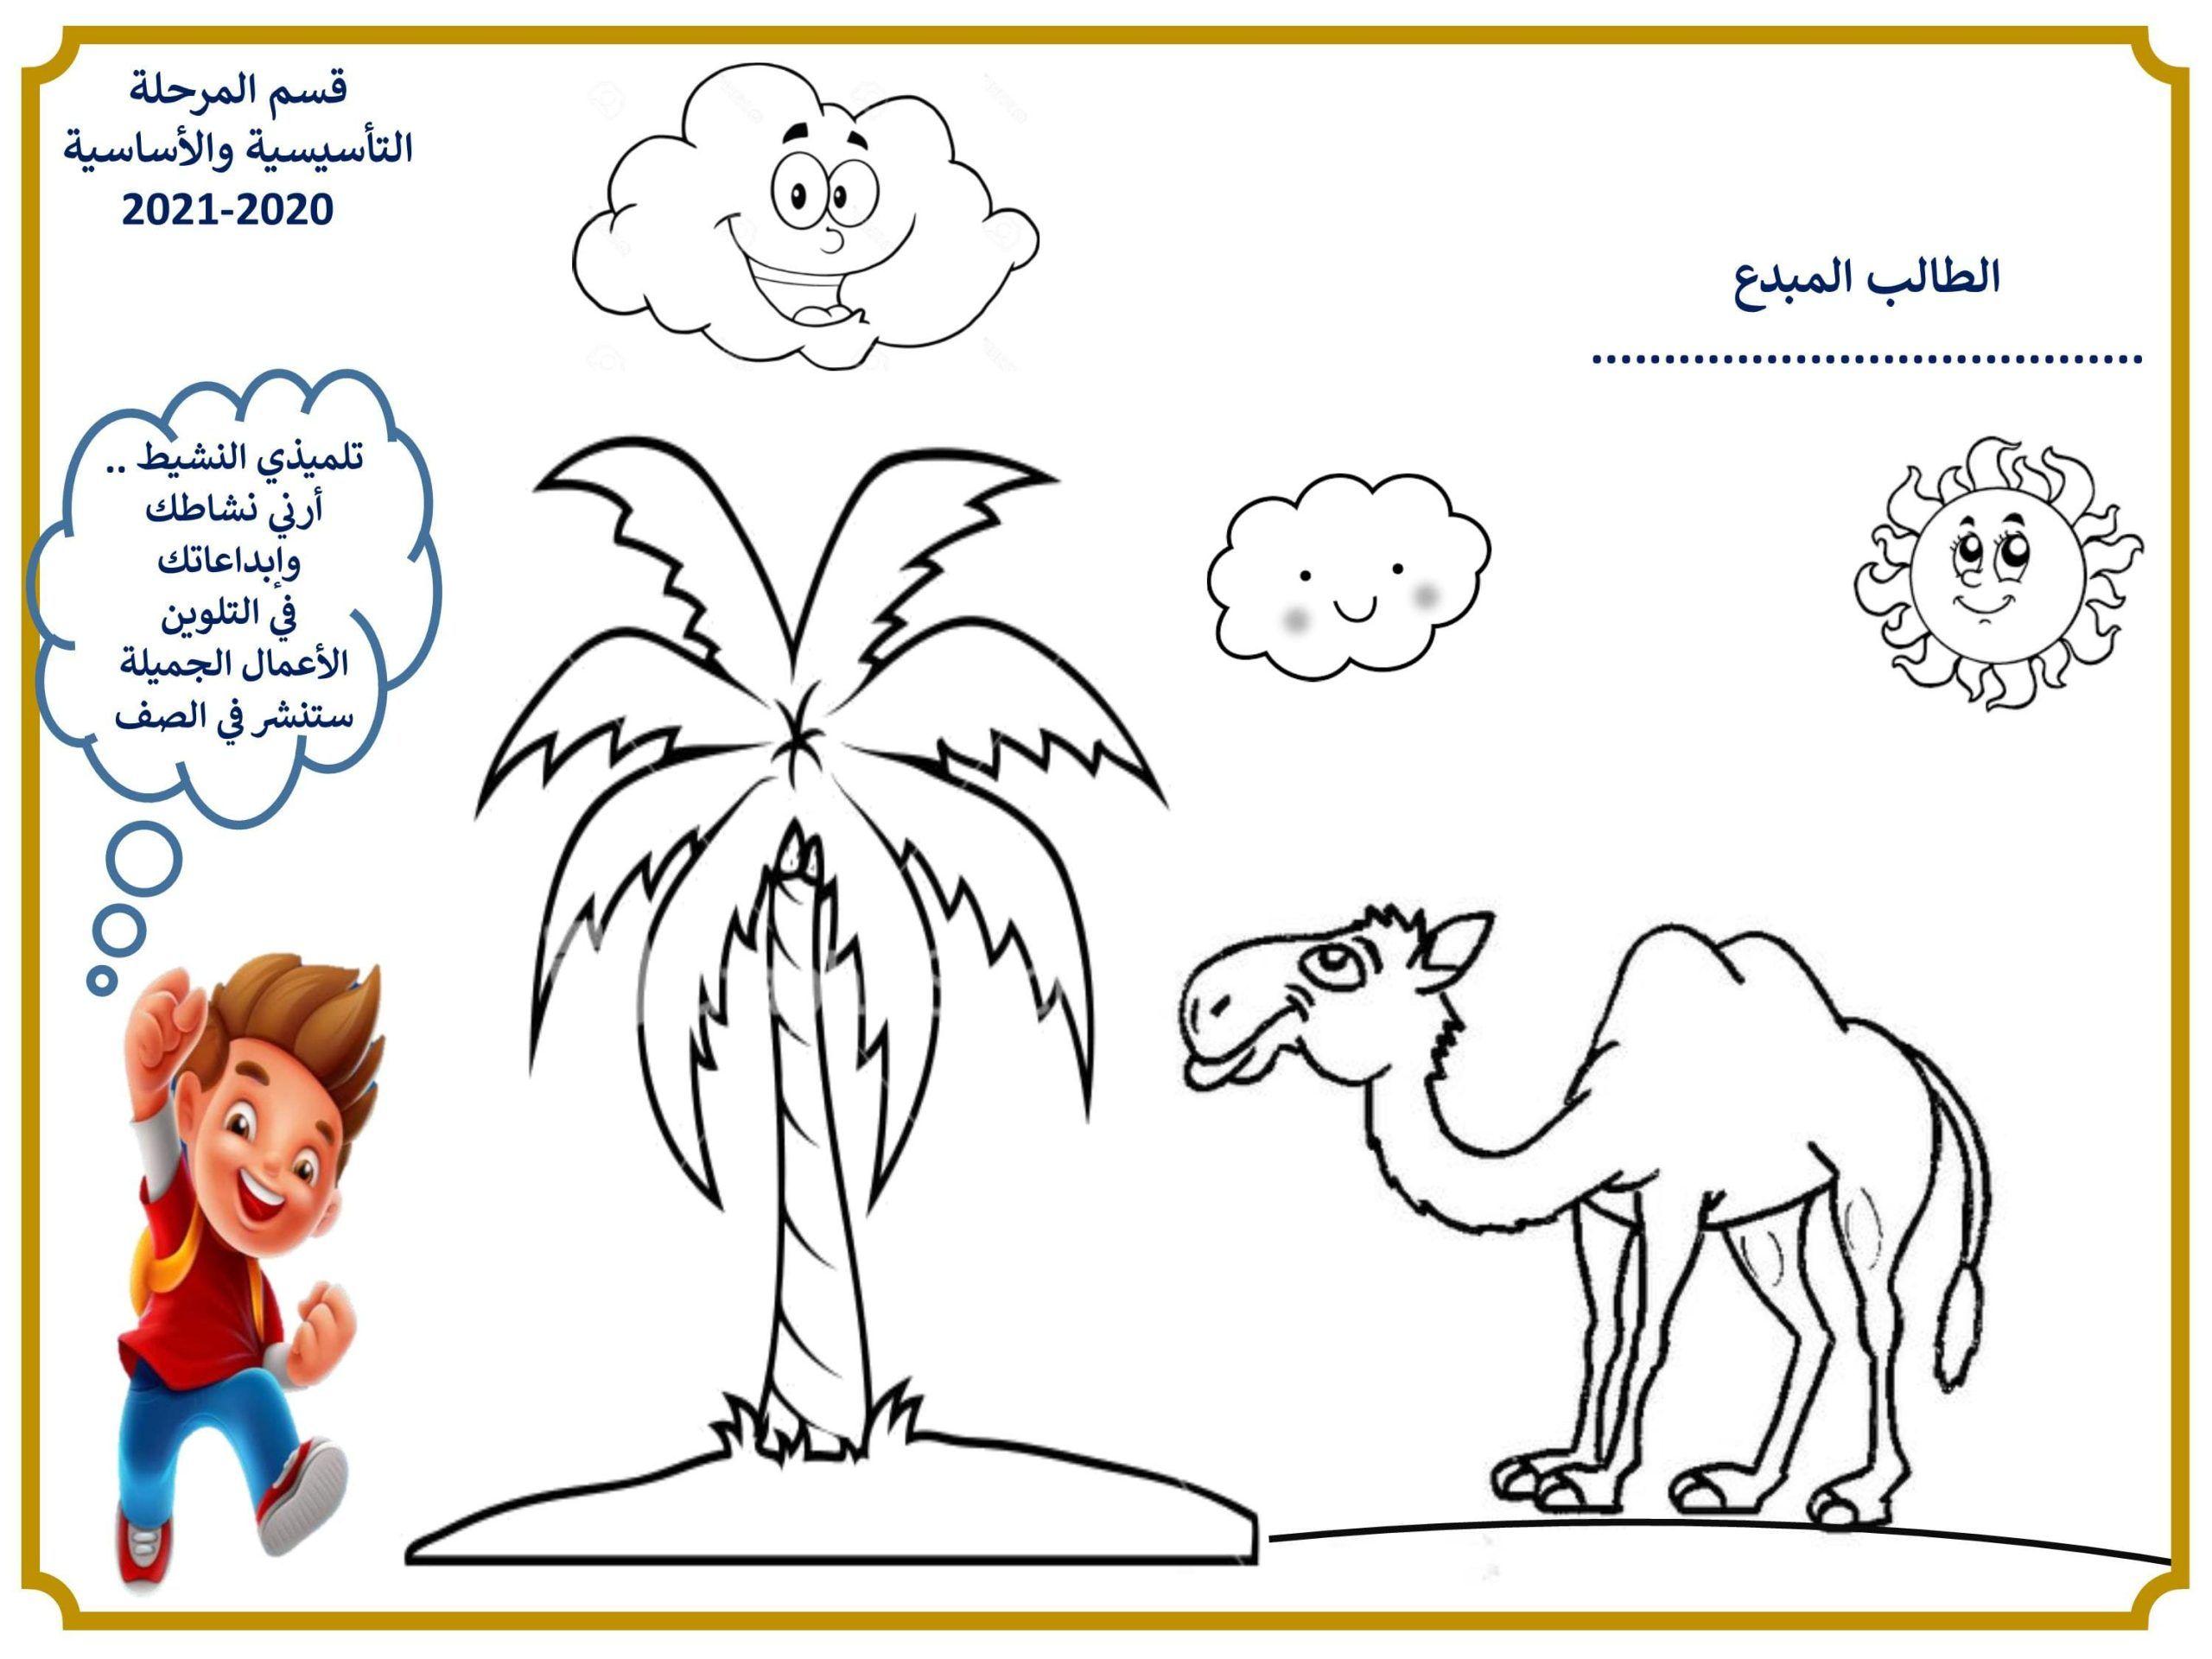 نشاط الجمل بالصحراء لتعليم الاطفال التلوين بطريقة ممتعة Fictional Characters Animals Art